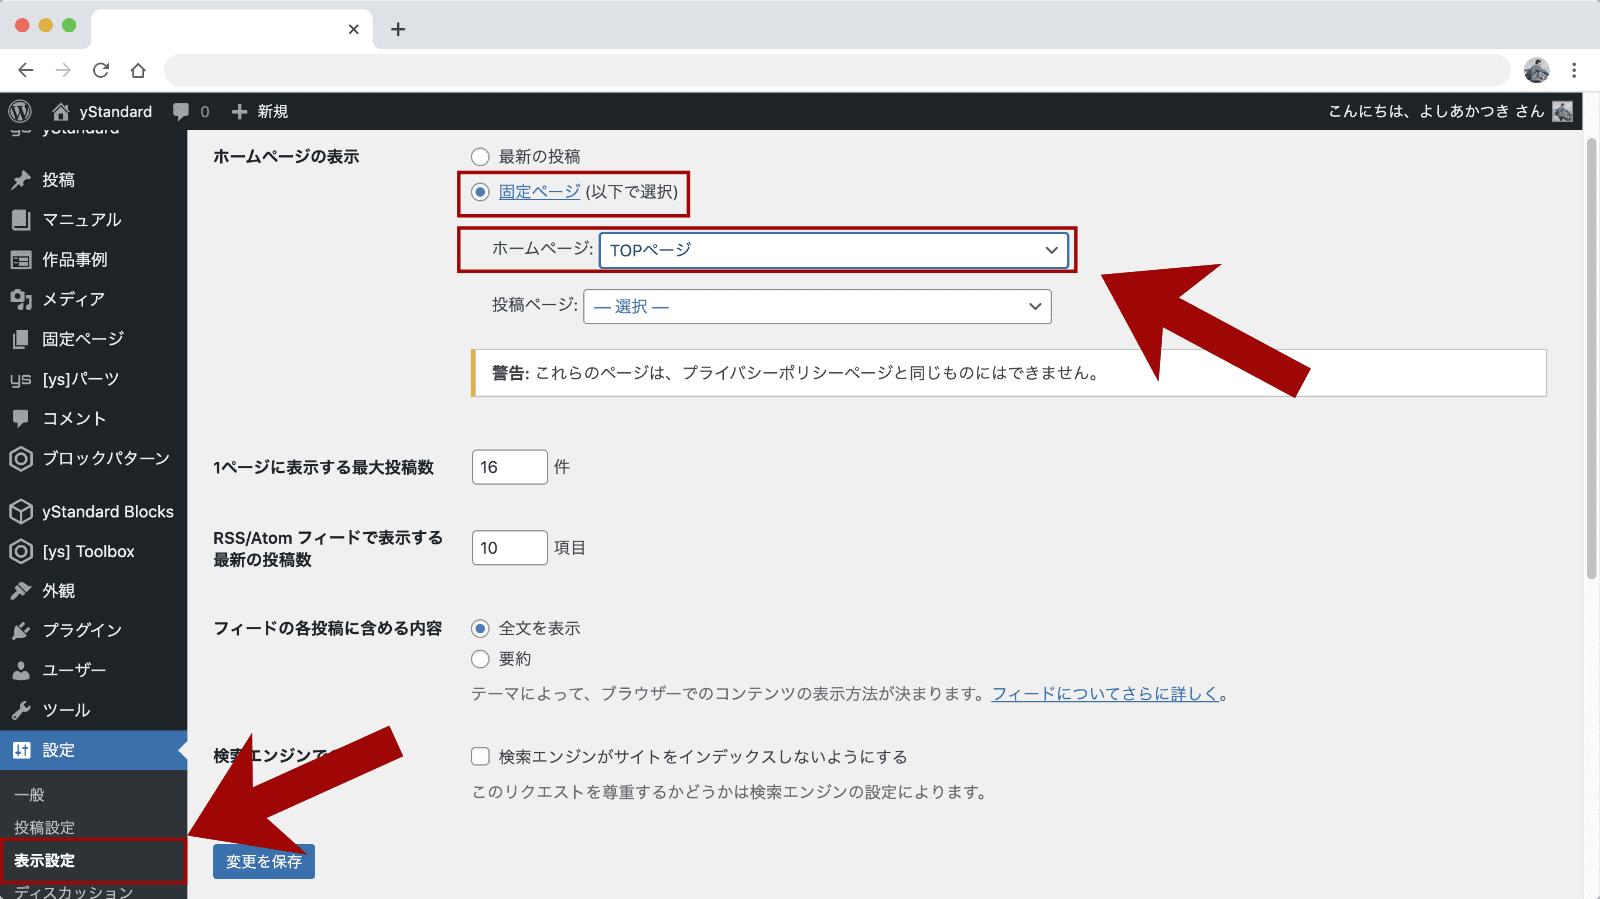 ホームページ設定がされていることがこのマニュアルの前提条件